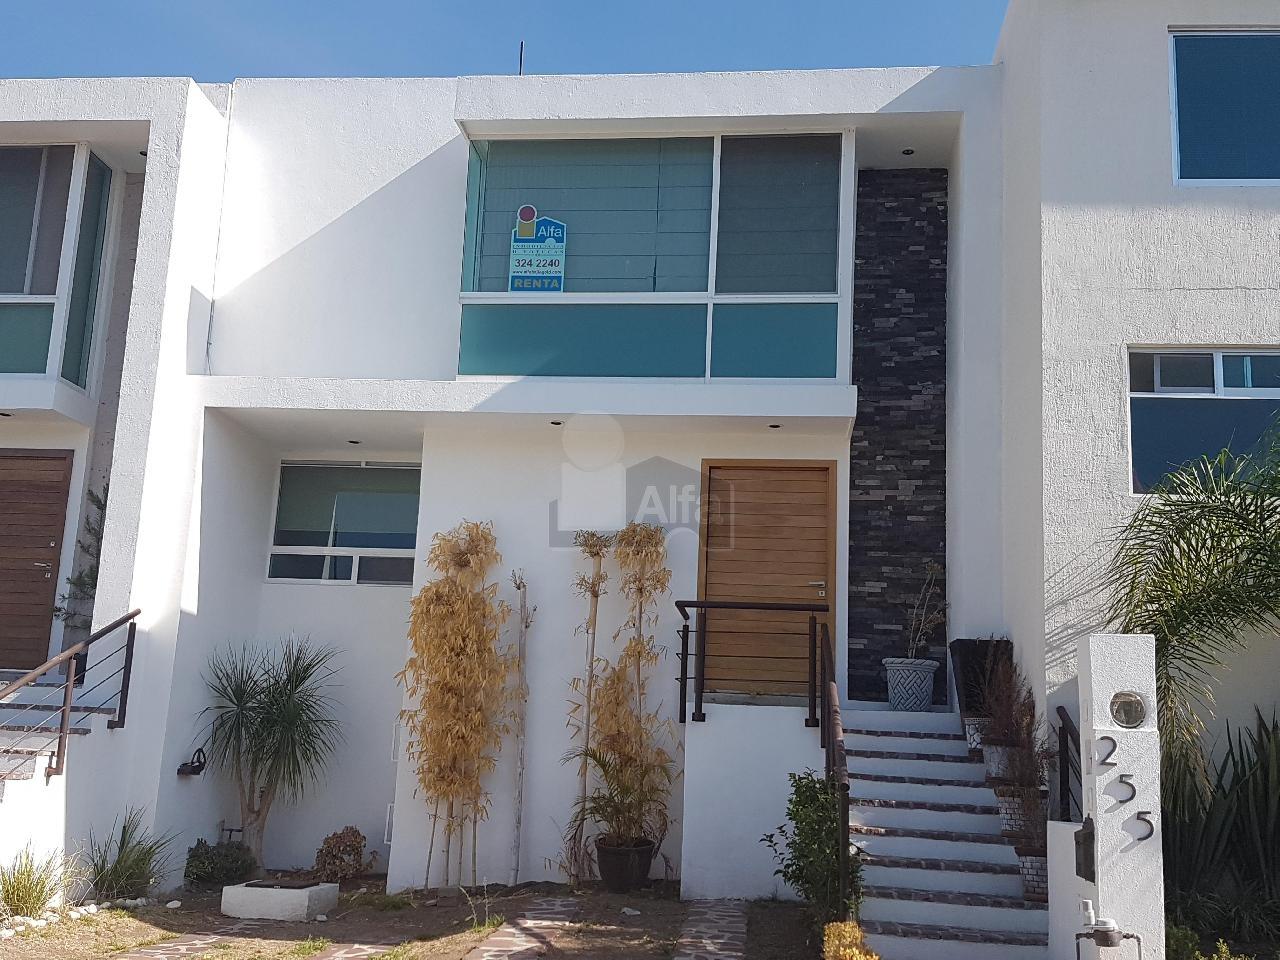 Casas en renta en leon guanajuato 113 registros casas for Casas en renta en gran jardin leon gto